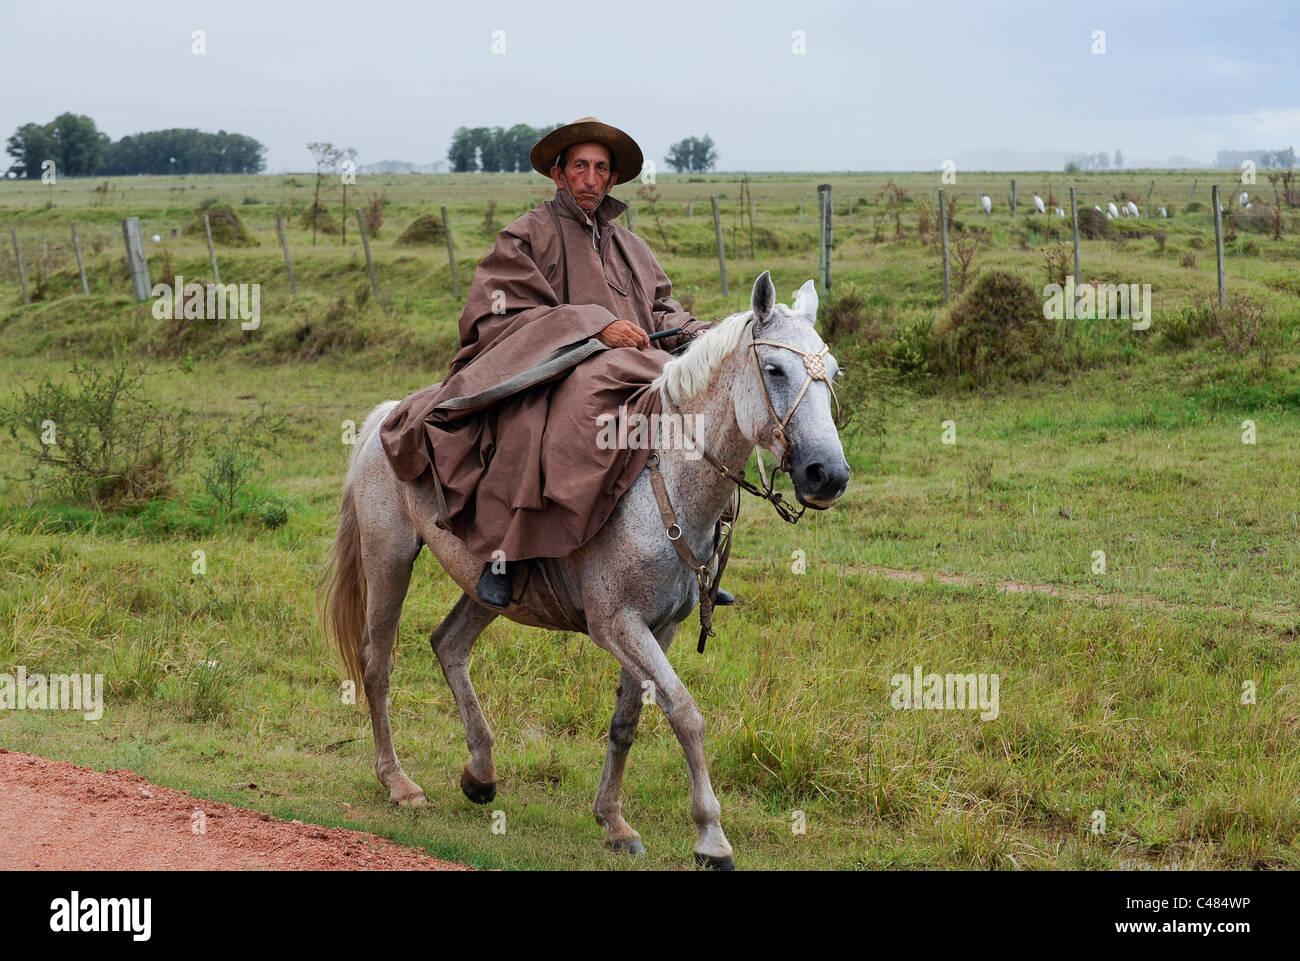 URUGUAY agricultura y ganadería , Gauchos con caballos y vacas en los pastizales de ganado Imagen De Stock